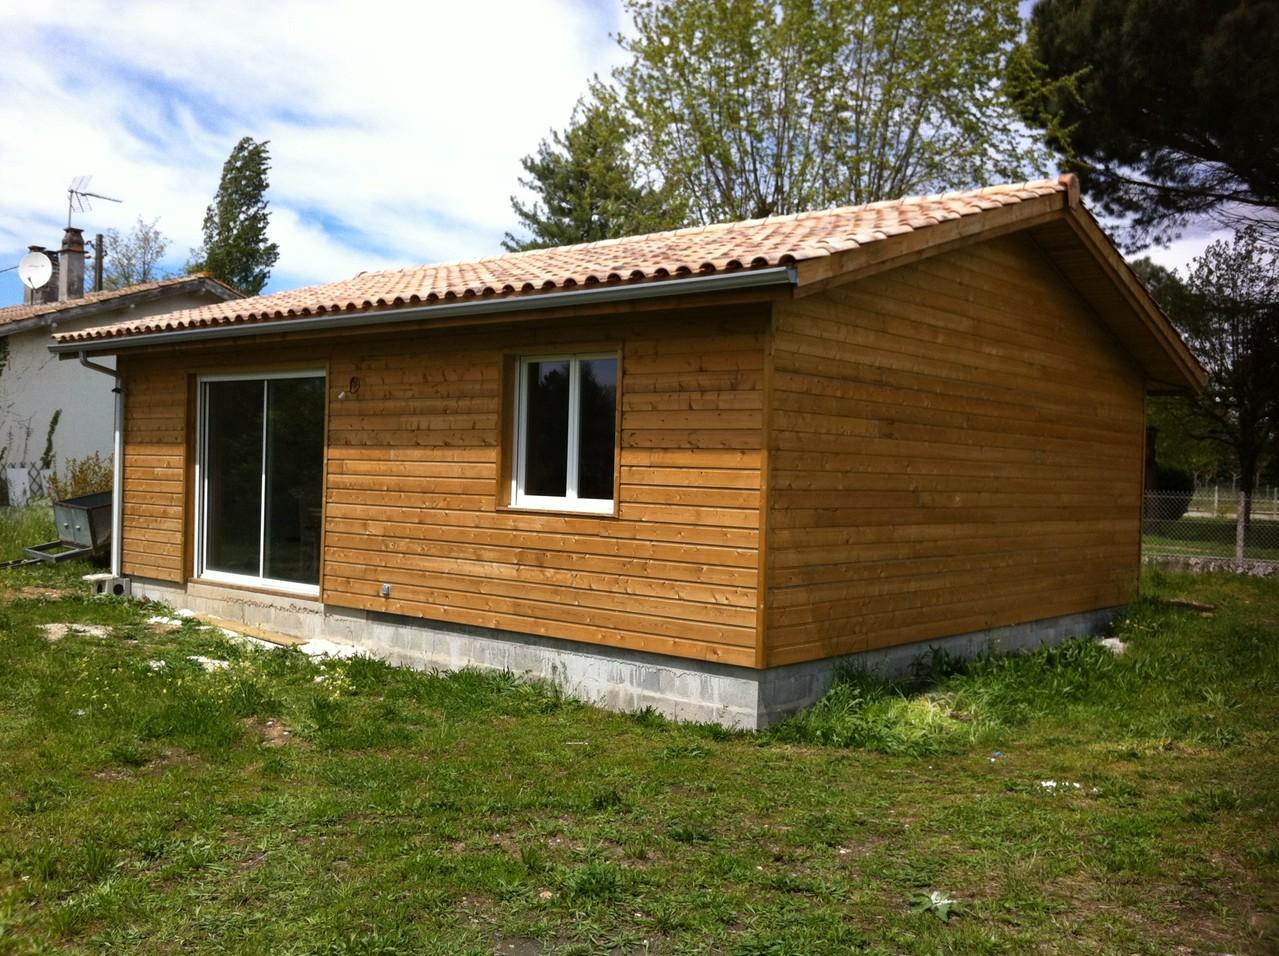 Maison La P'tite Cabane